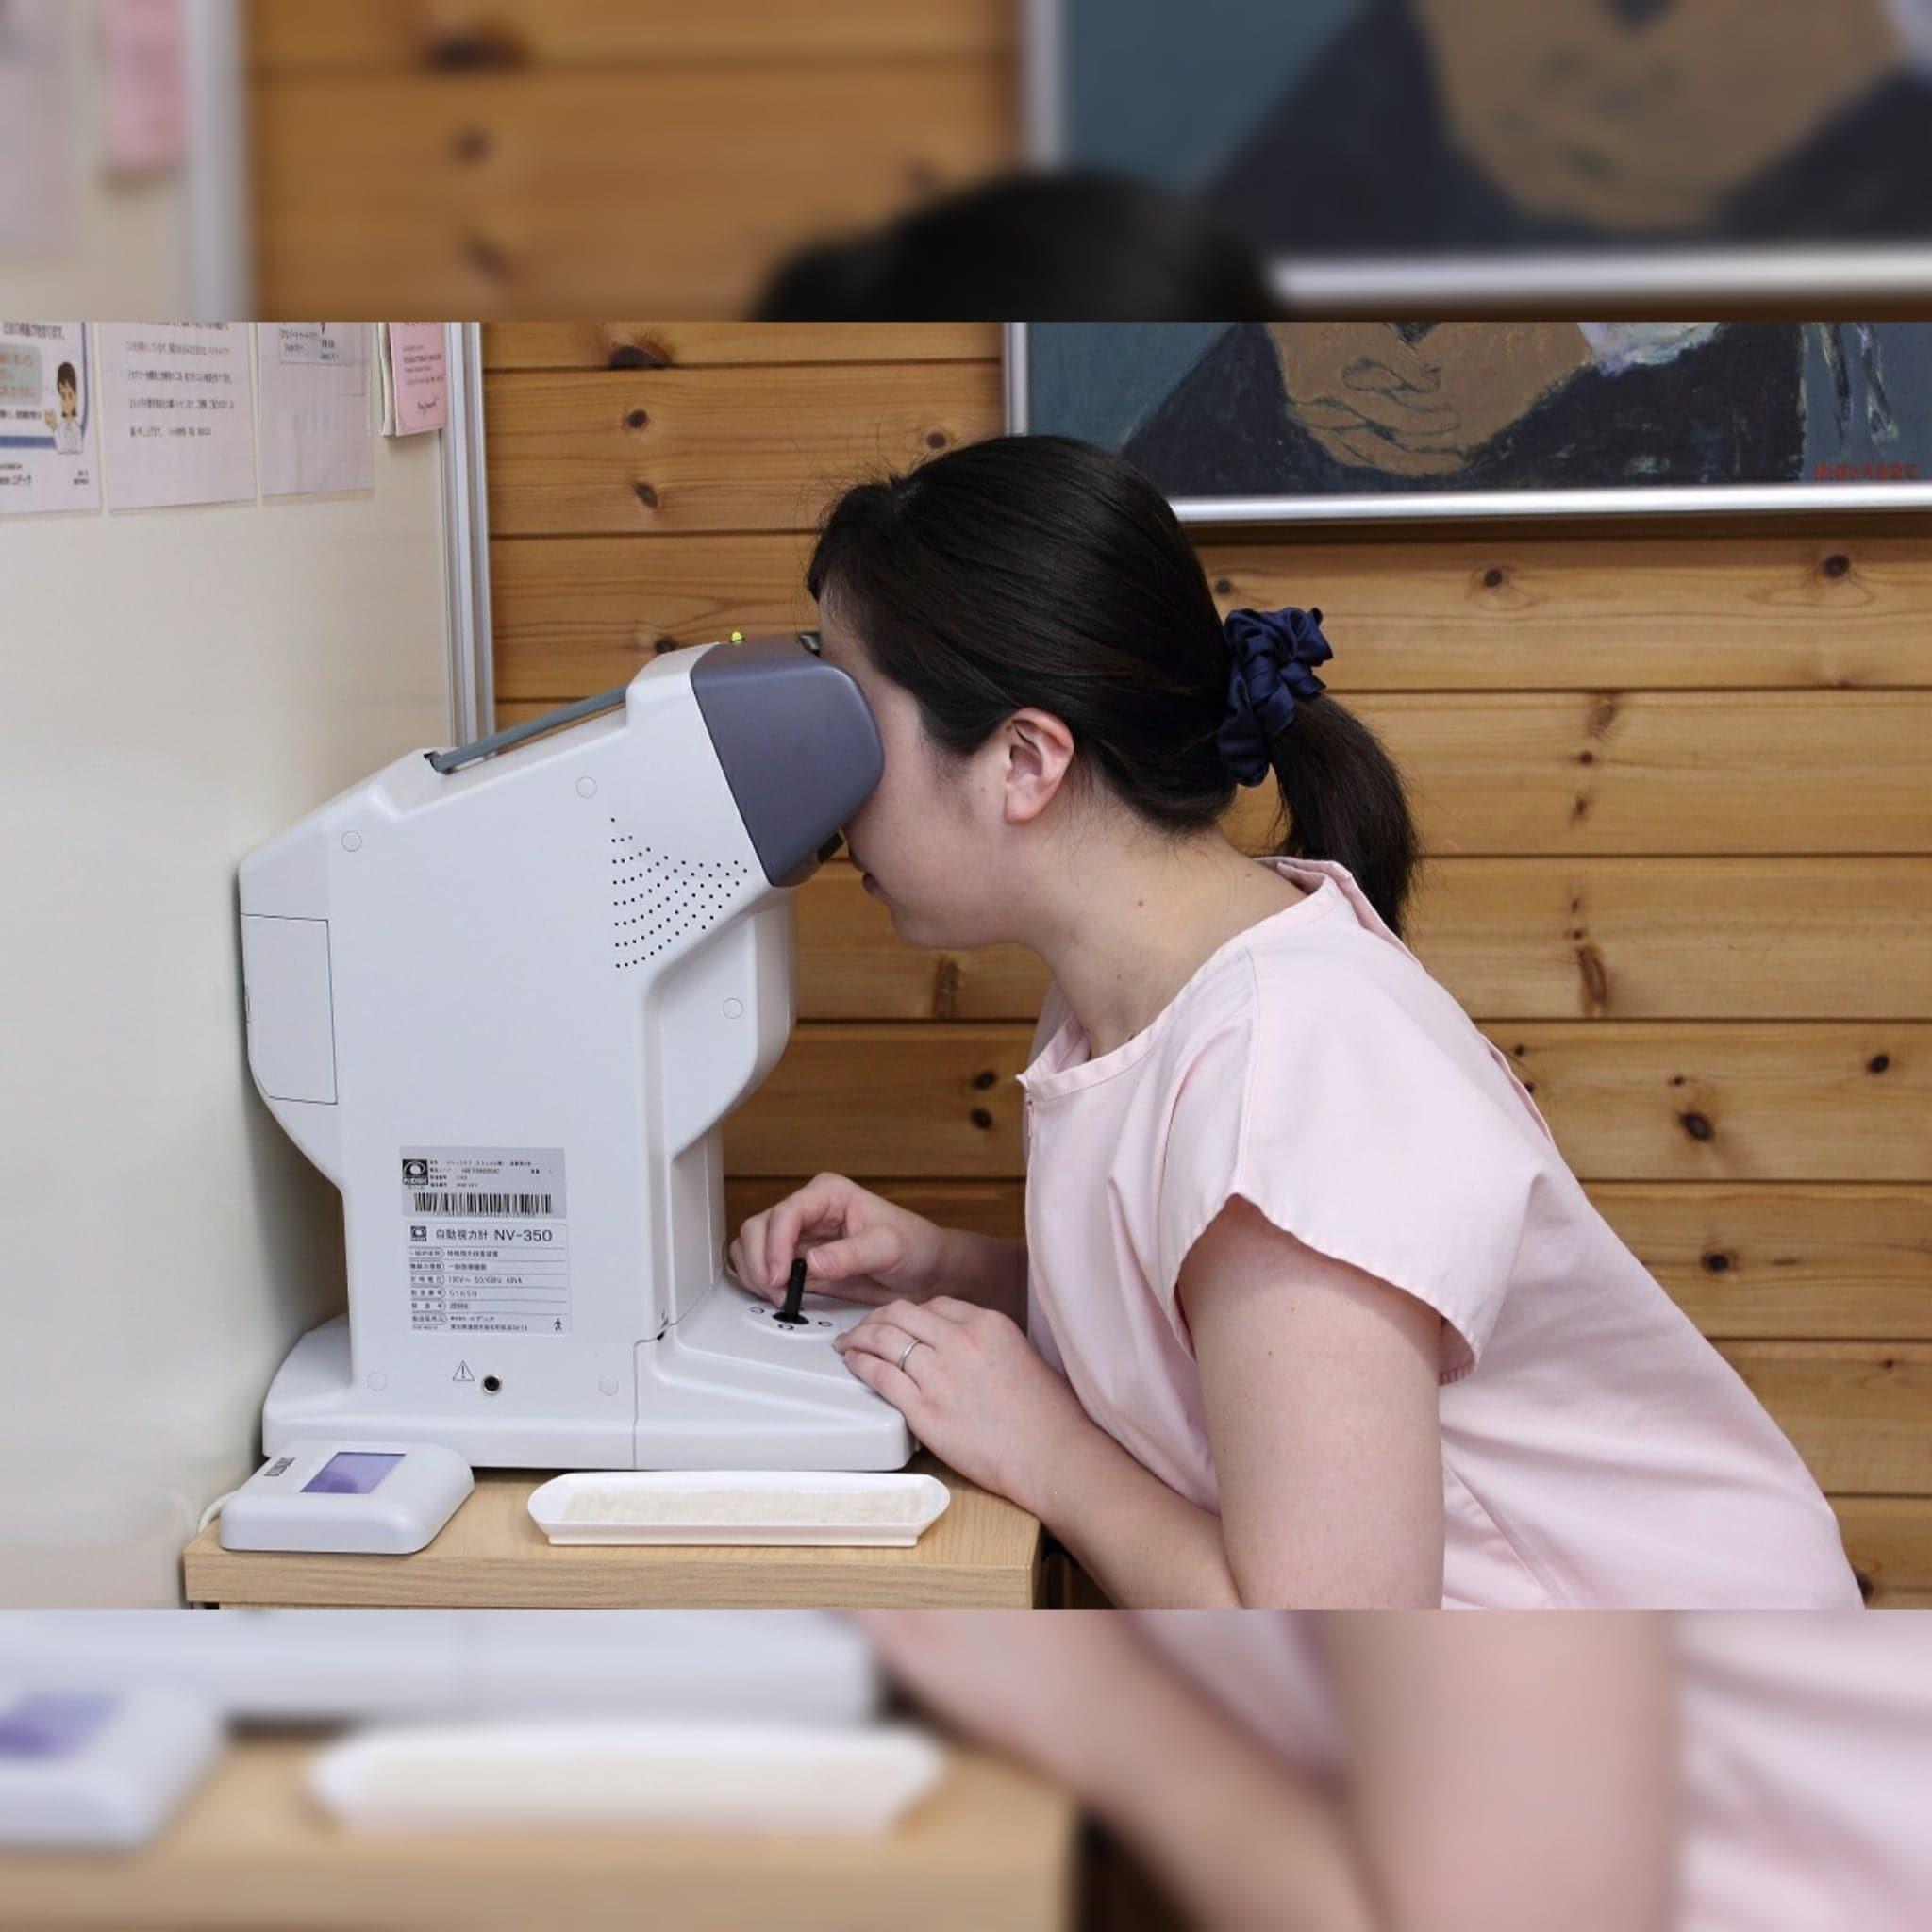 千葉県茂原市いわせ接骨院『健康の玉手箱』/視力検査